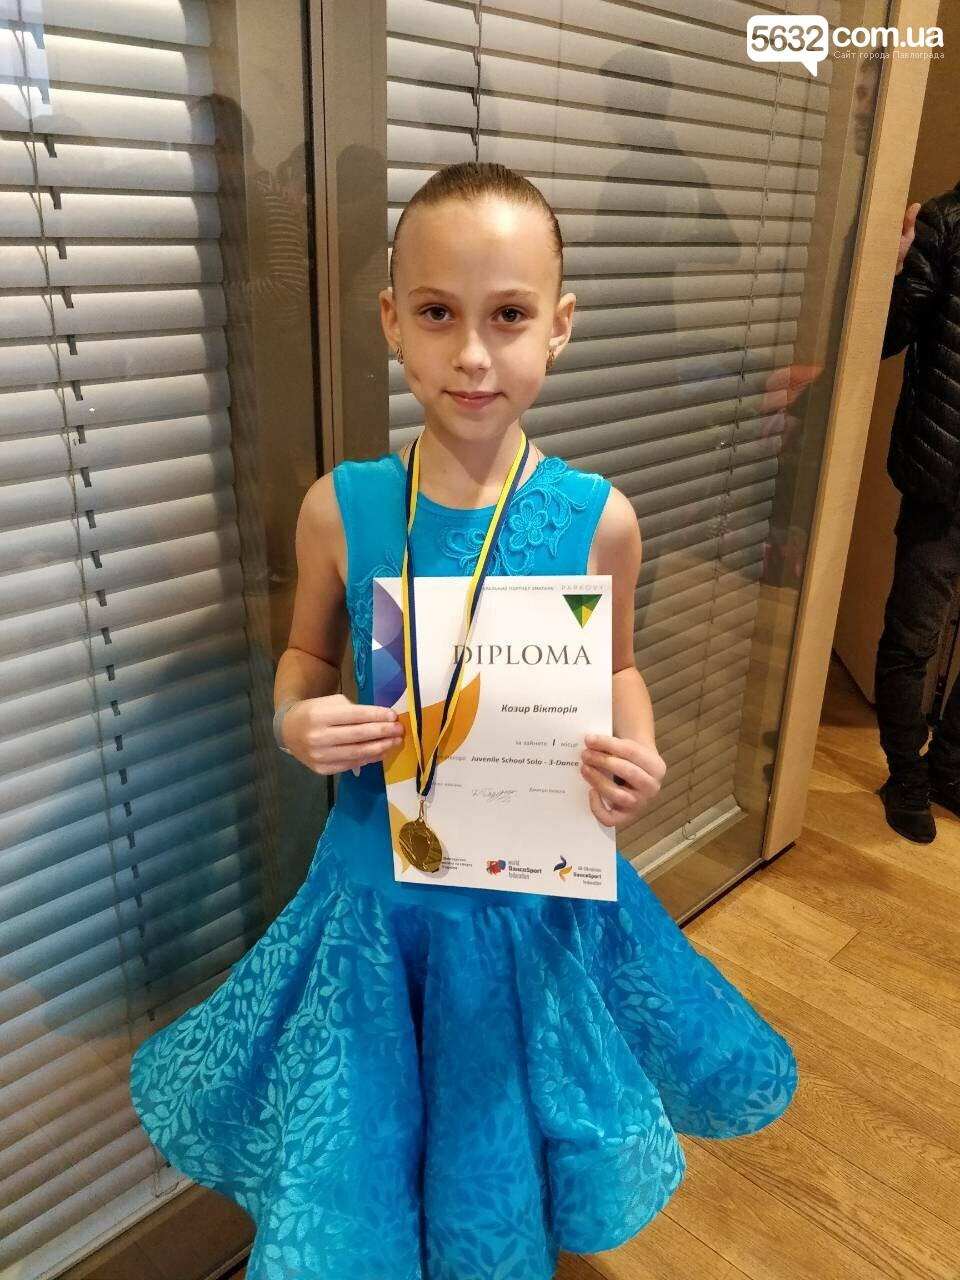 Павлоградцы покорили главные соревнования страны по спортивно-бальным танцам, фото-3